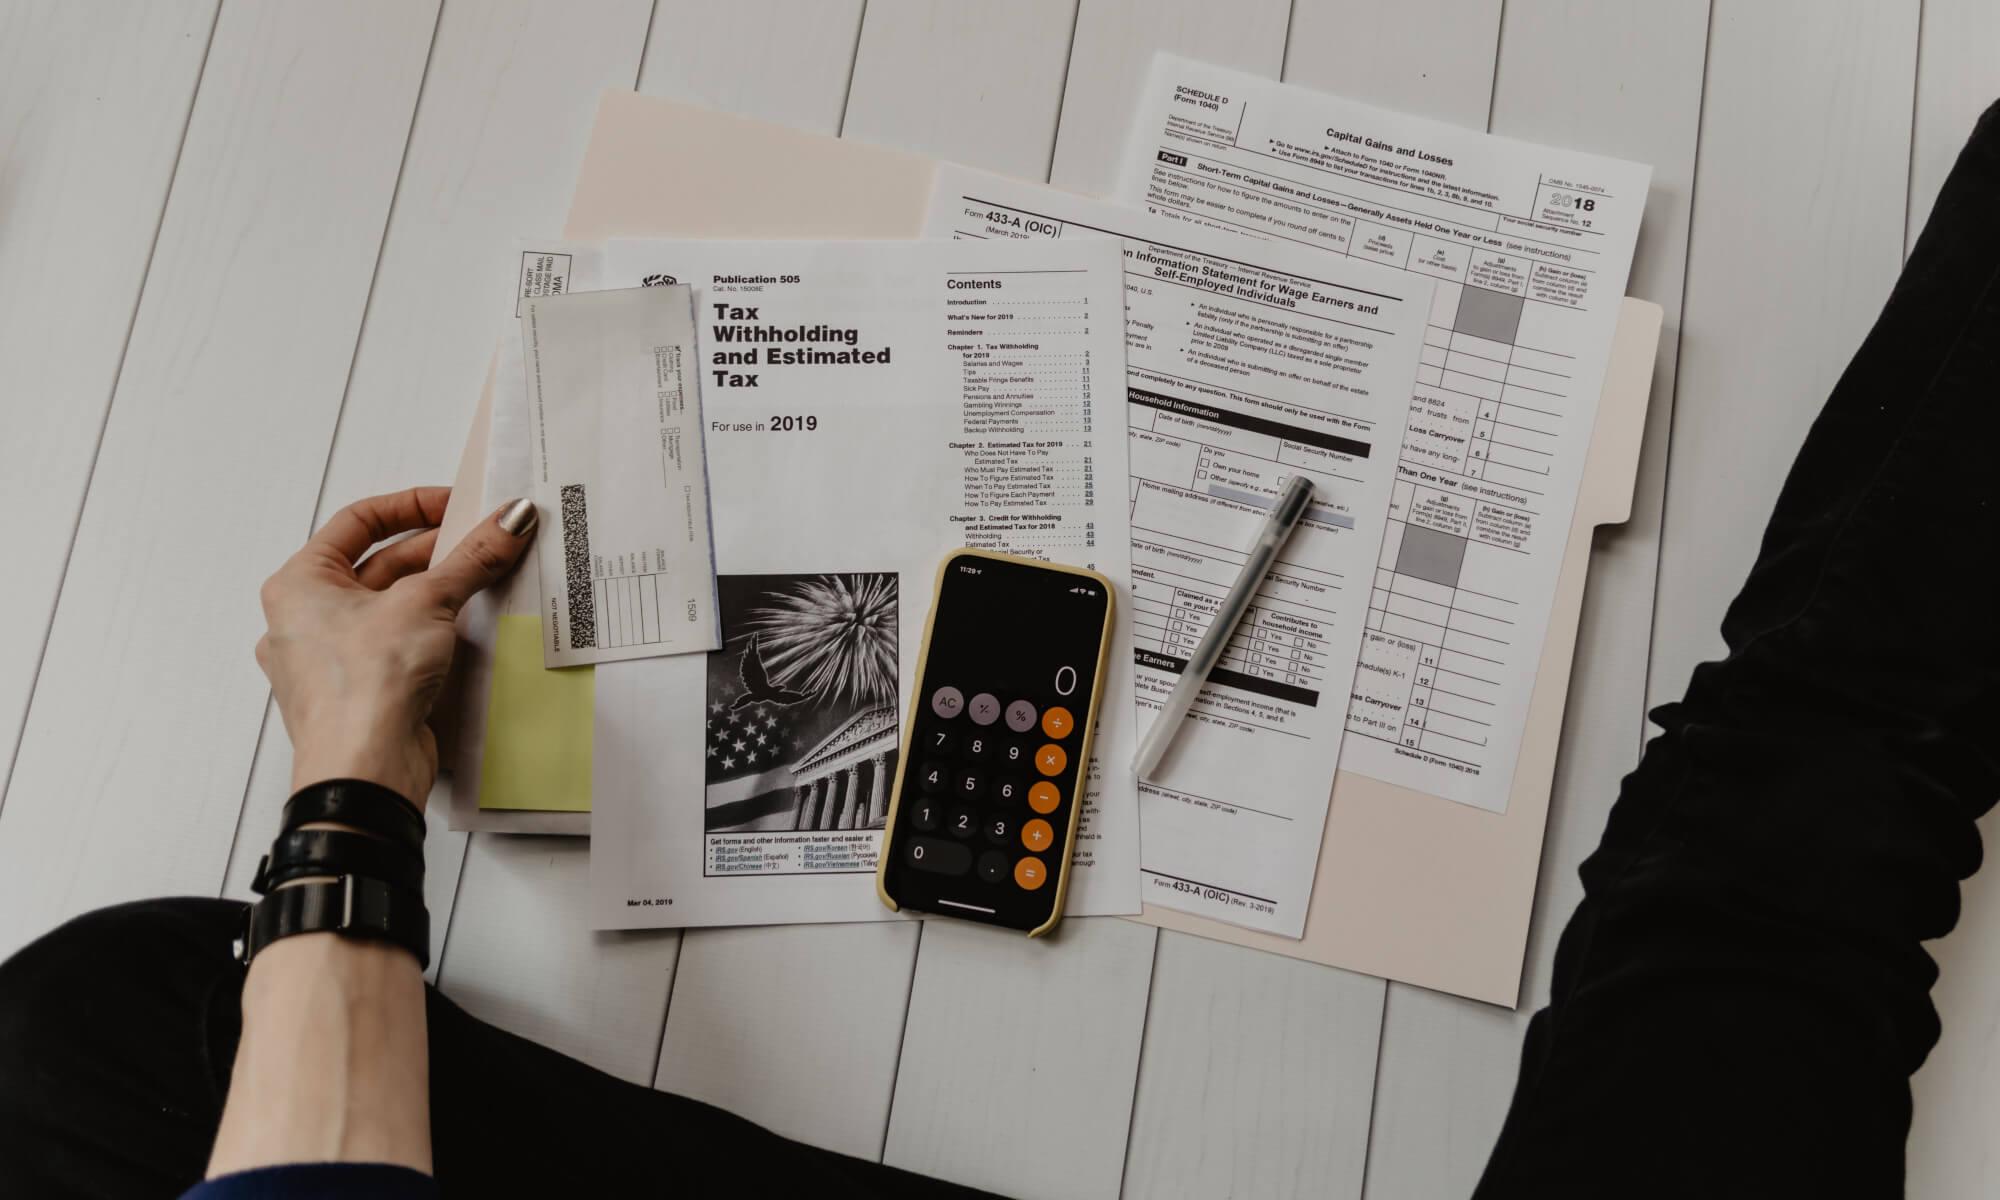 taxes calculation in dallas, texas